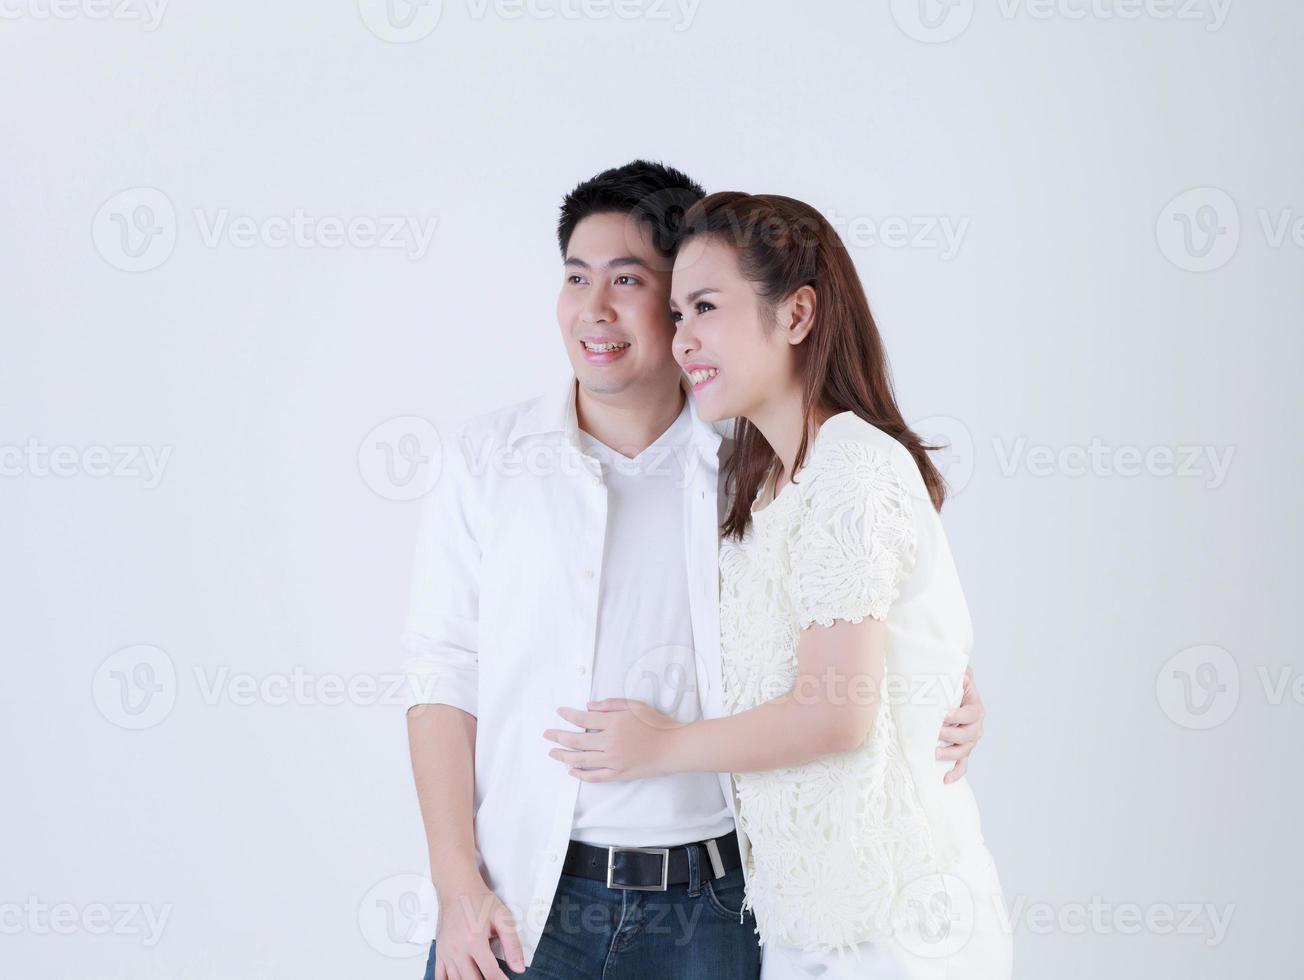 thailändische Familie mit glücklich lächelnd foto